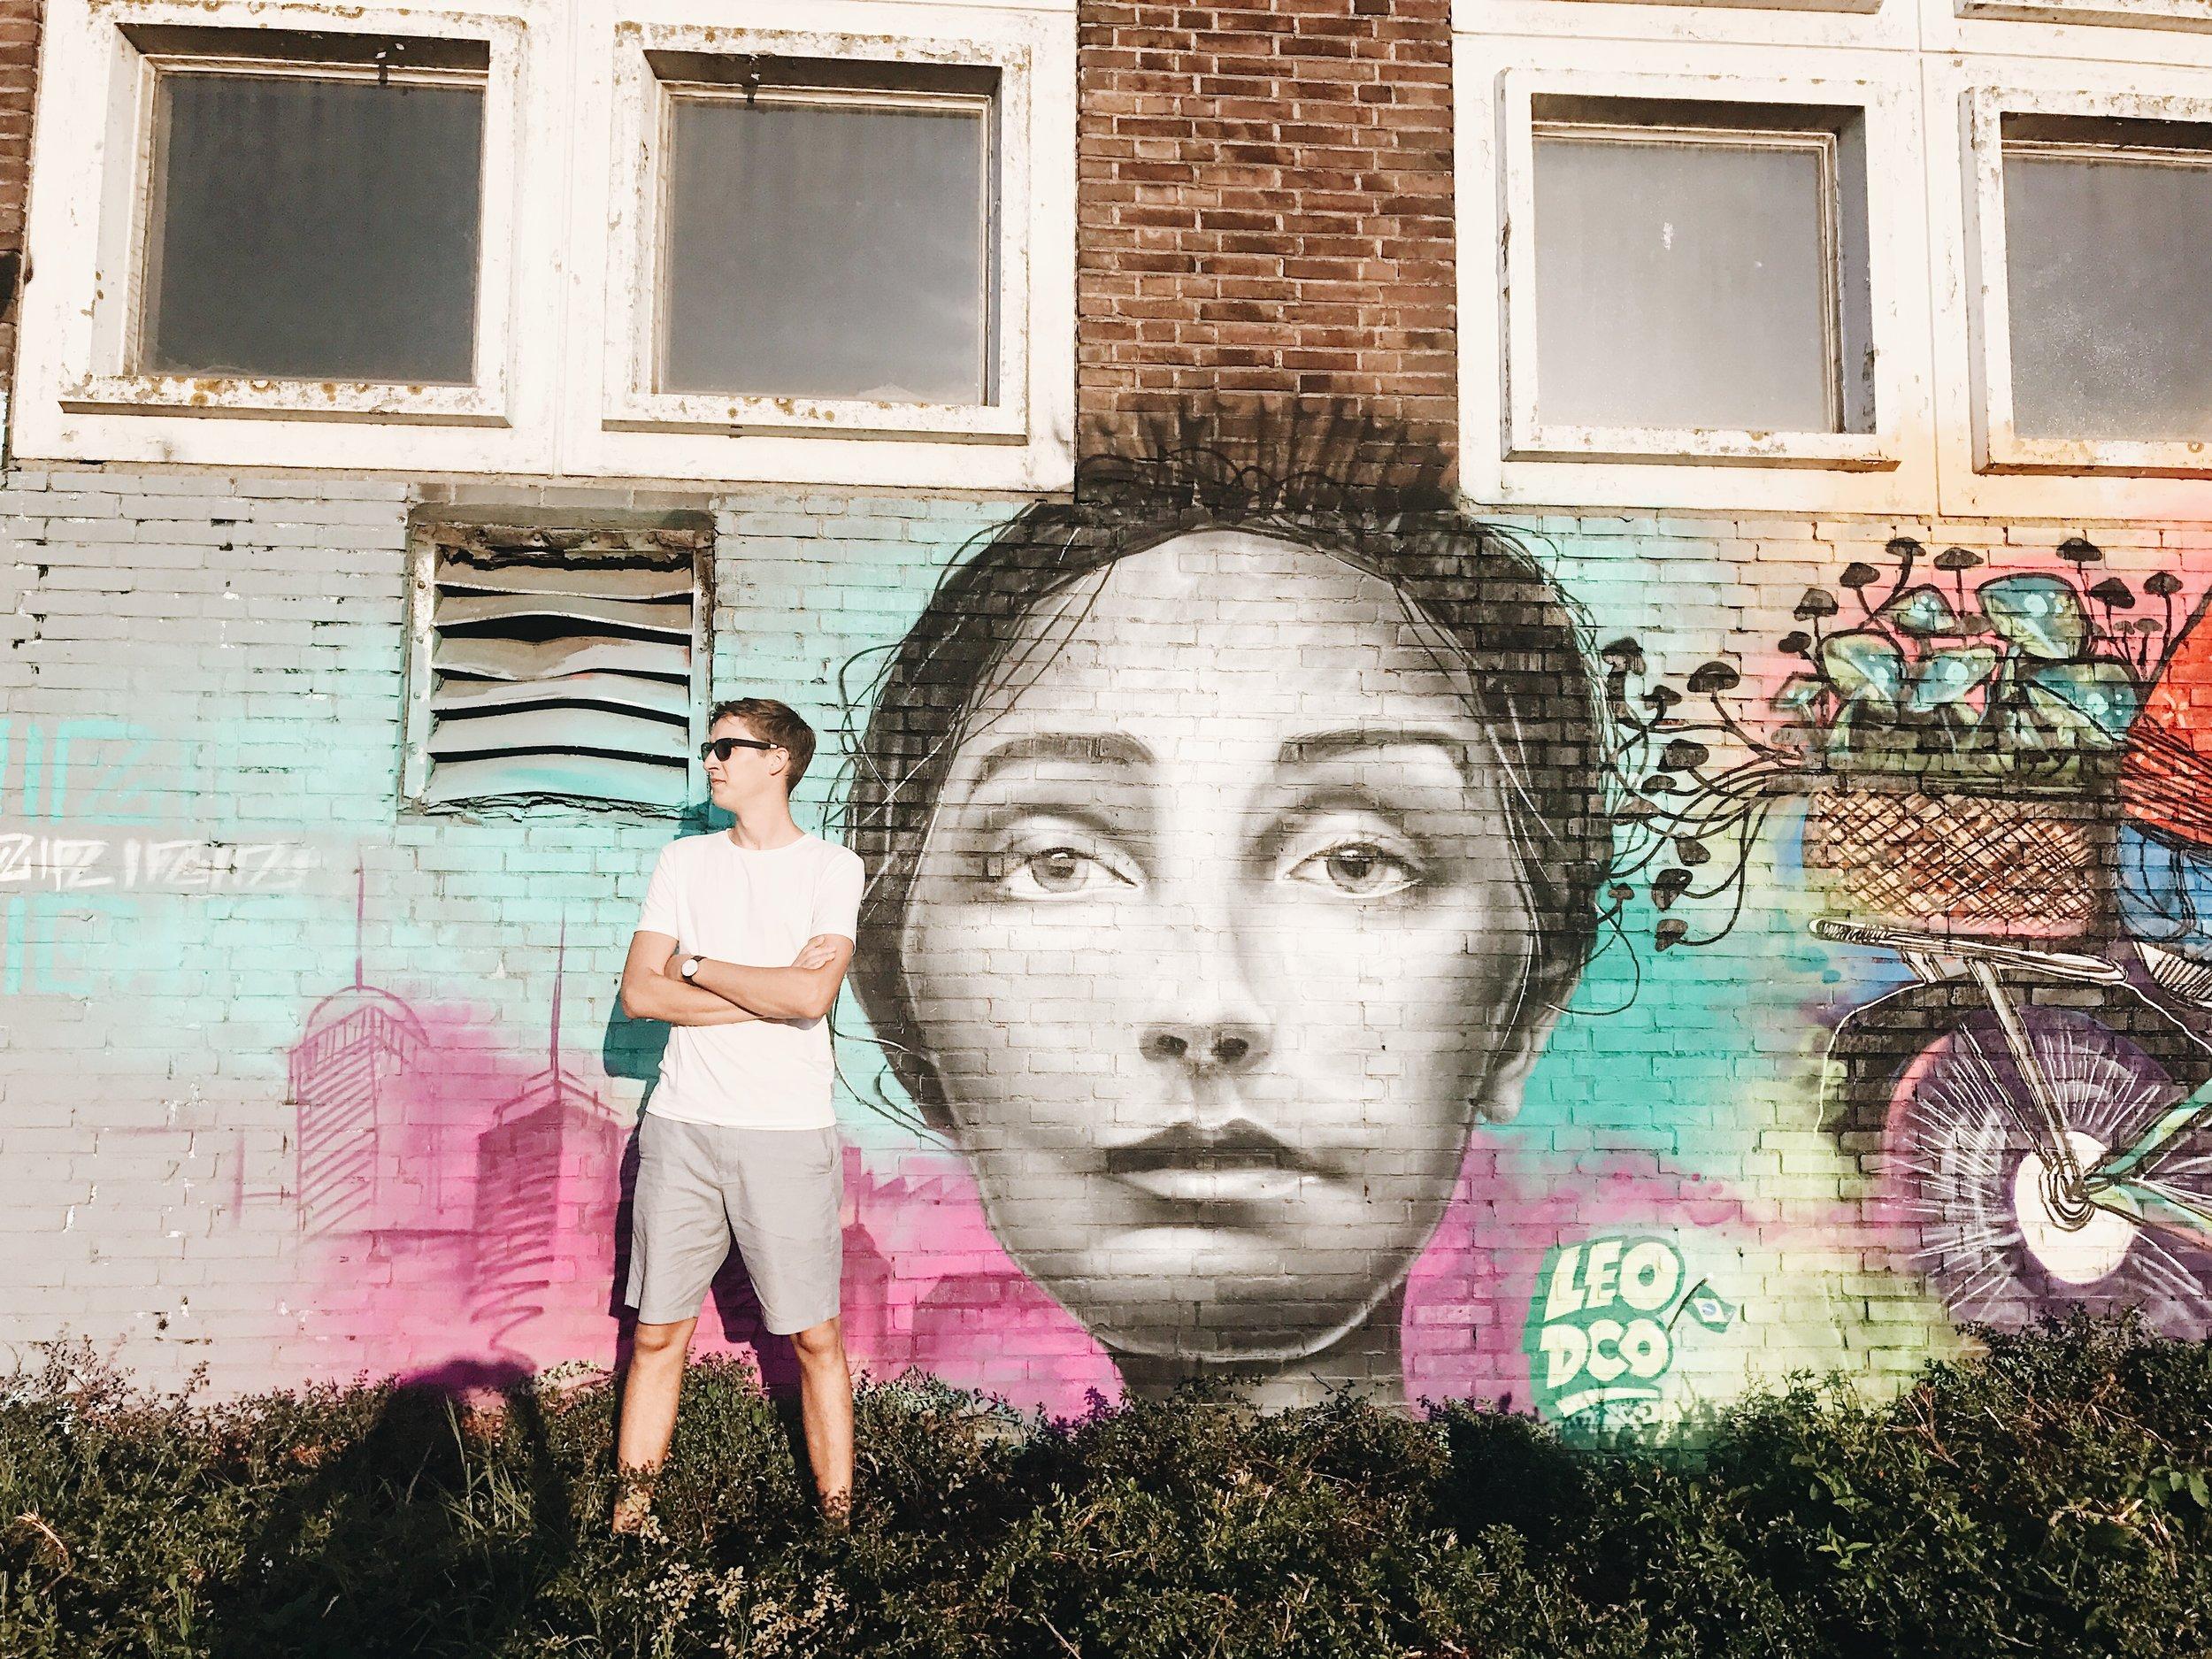 Street art around NDSM Werf